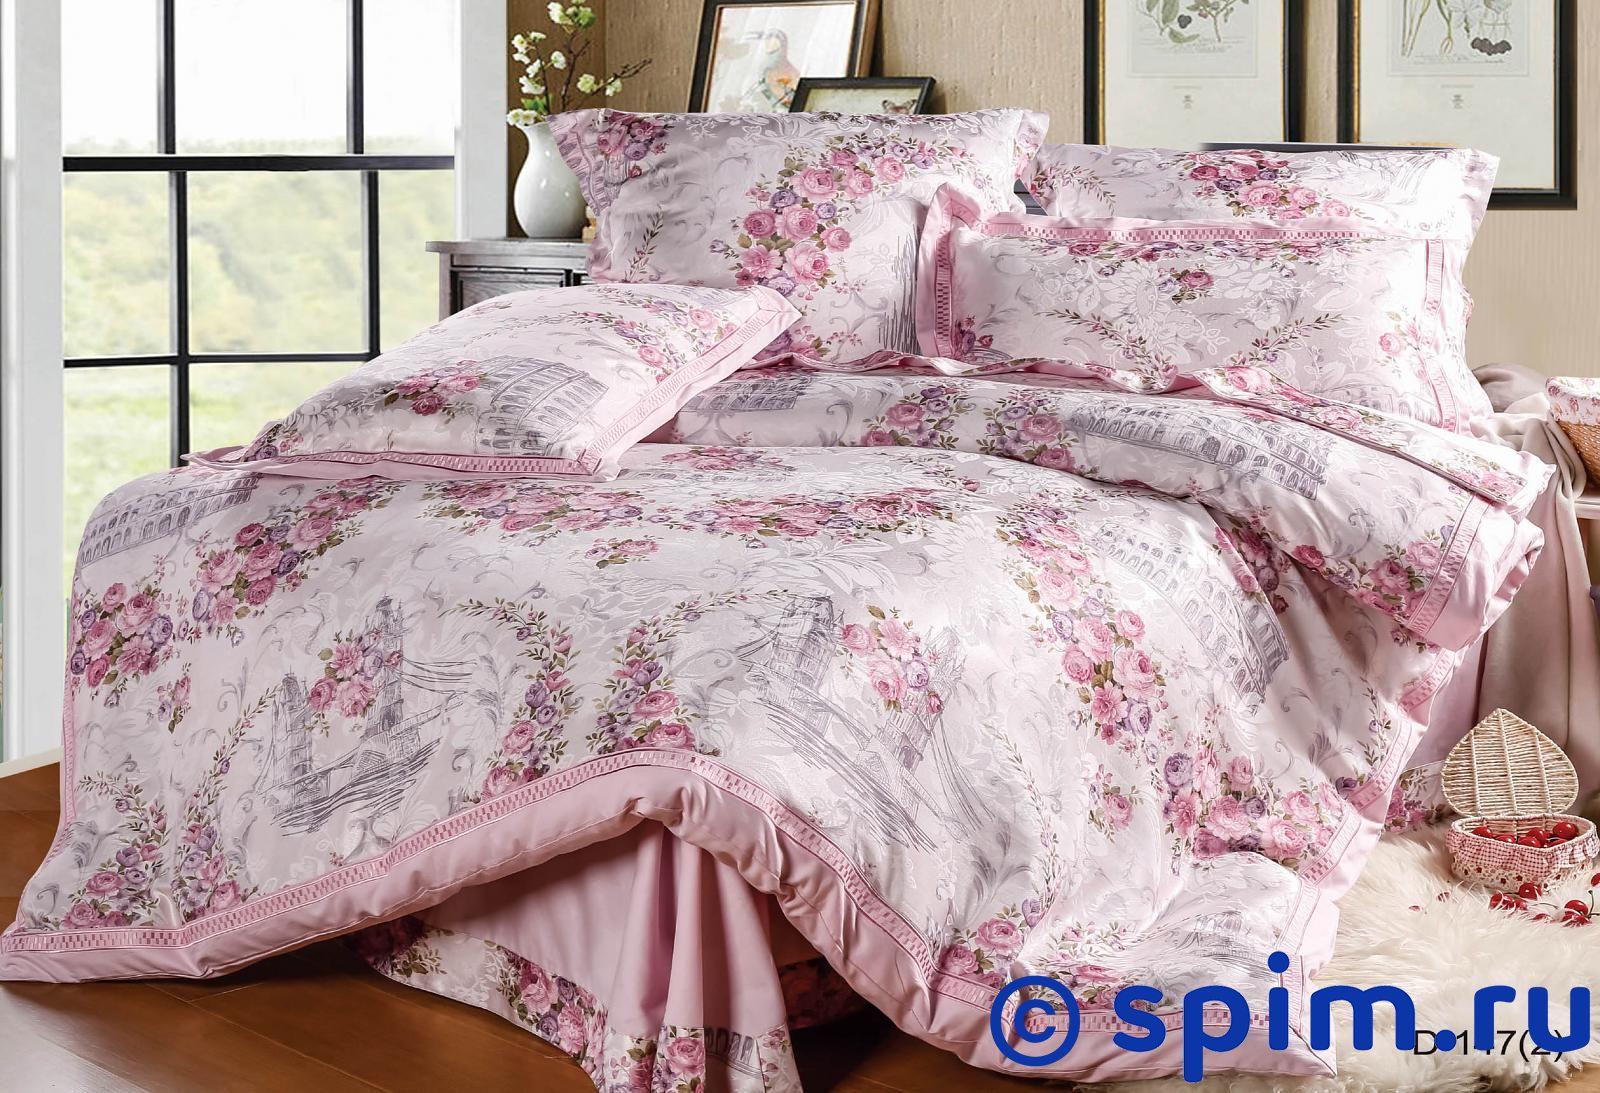 Комплект СайлиД D147 (2) 2 спальное